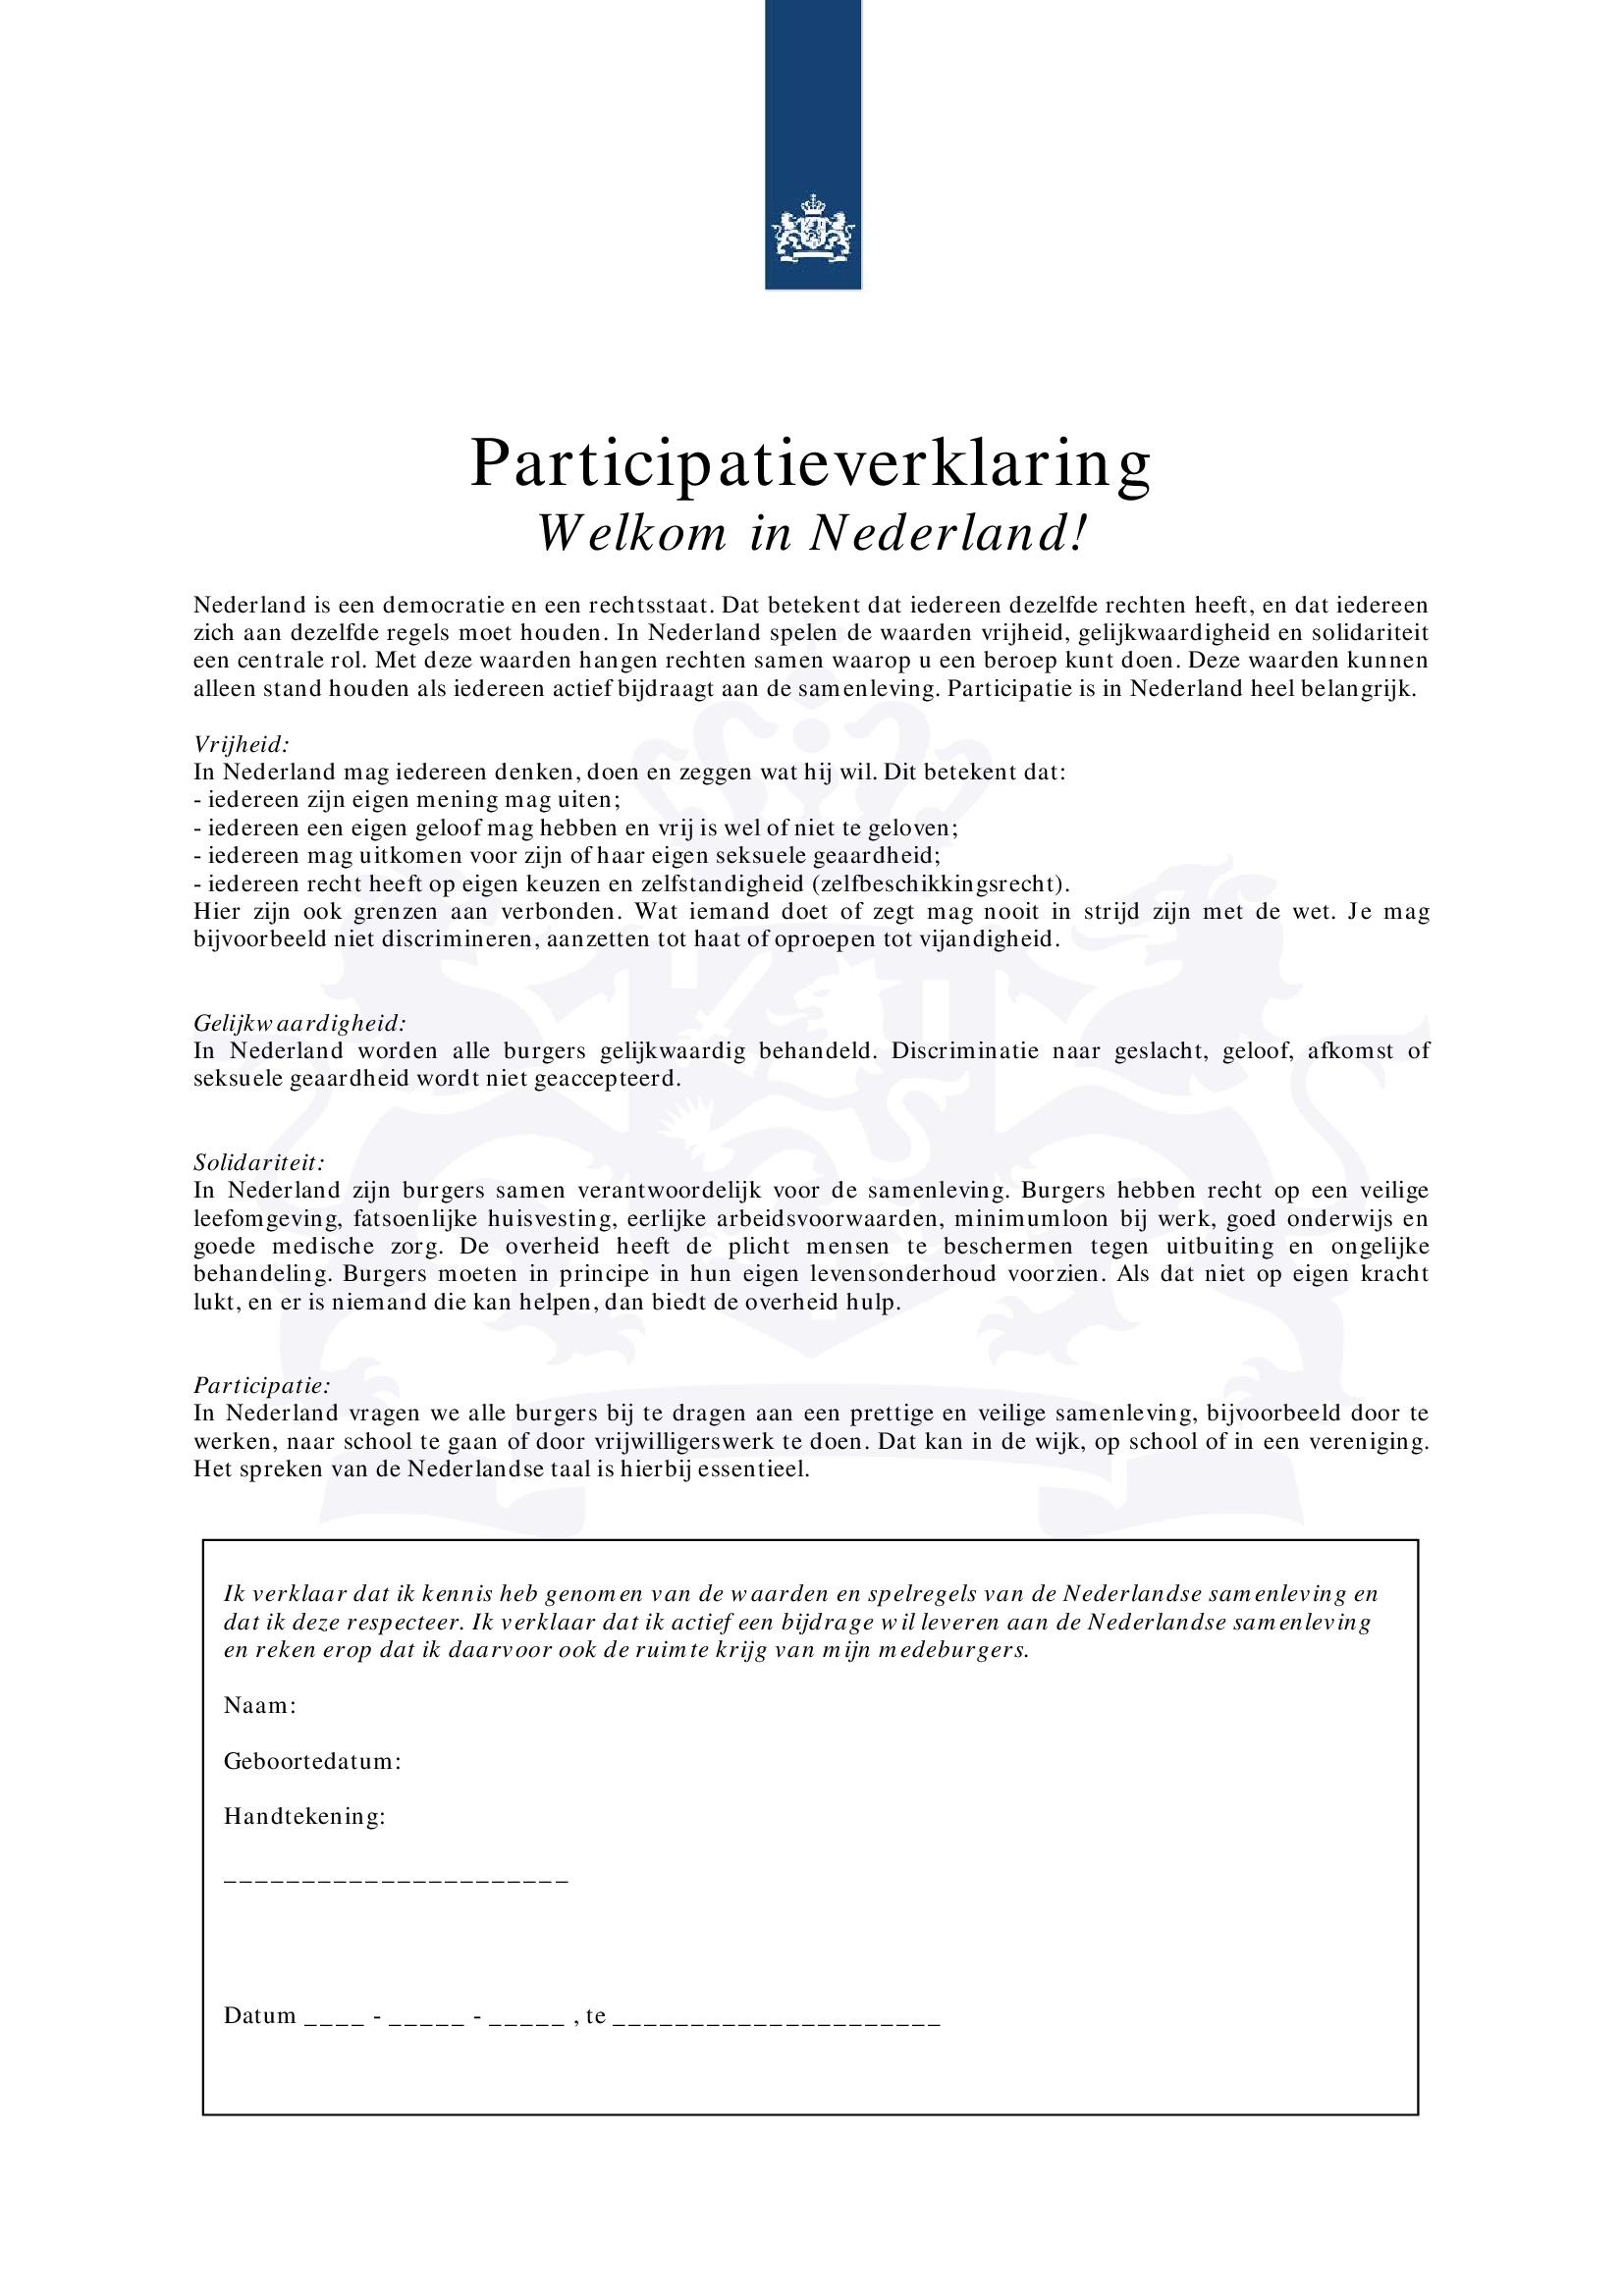 """แบบฟอร์ม """"Participatieverklaring"""" ต้นฉบับภาษาดัตช์ค่ะ"""